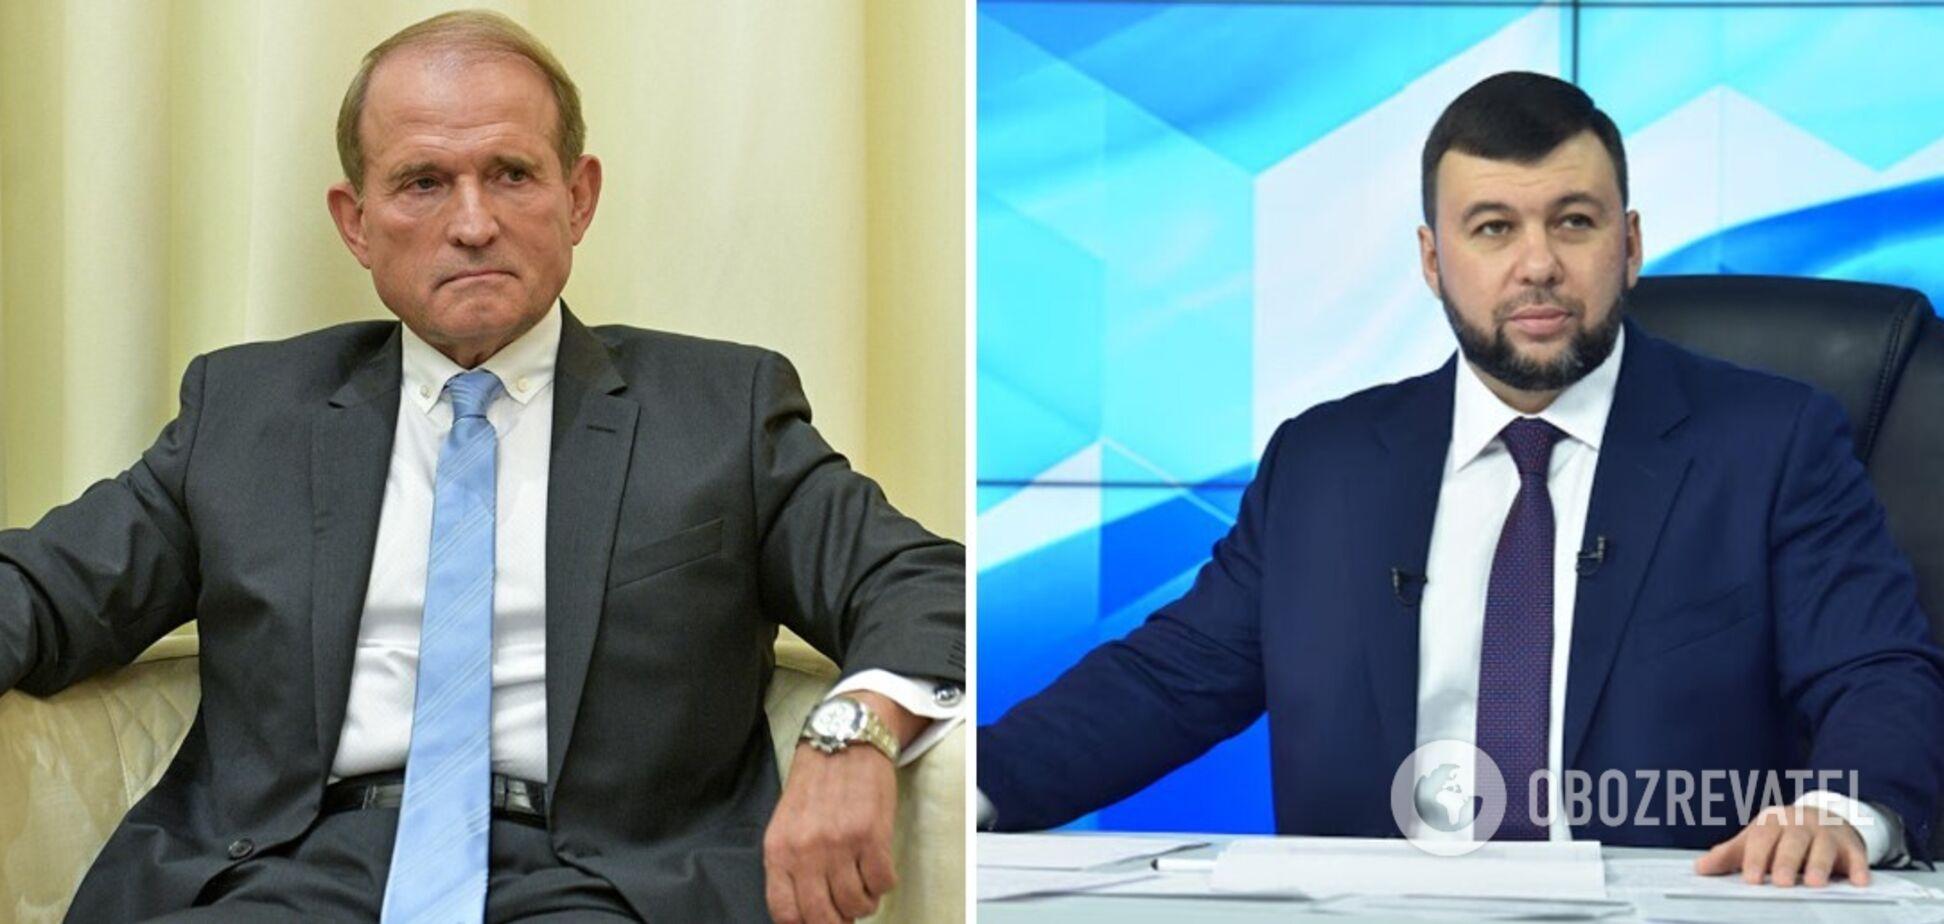 Виктор Медведчук и Денис Пушилин